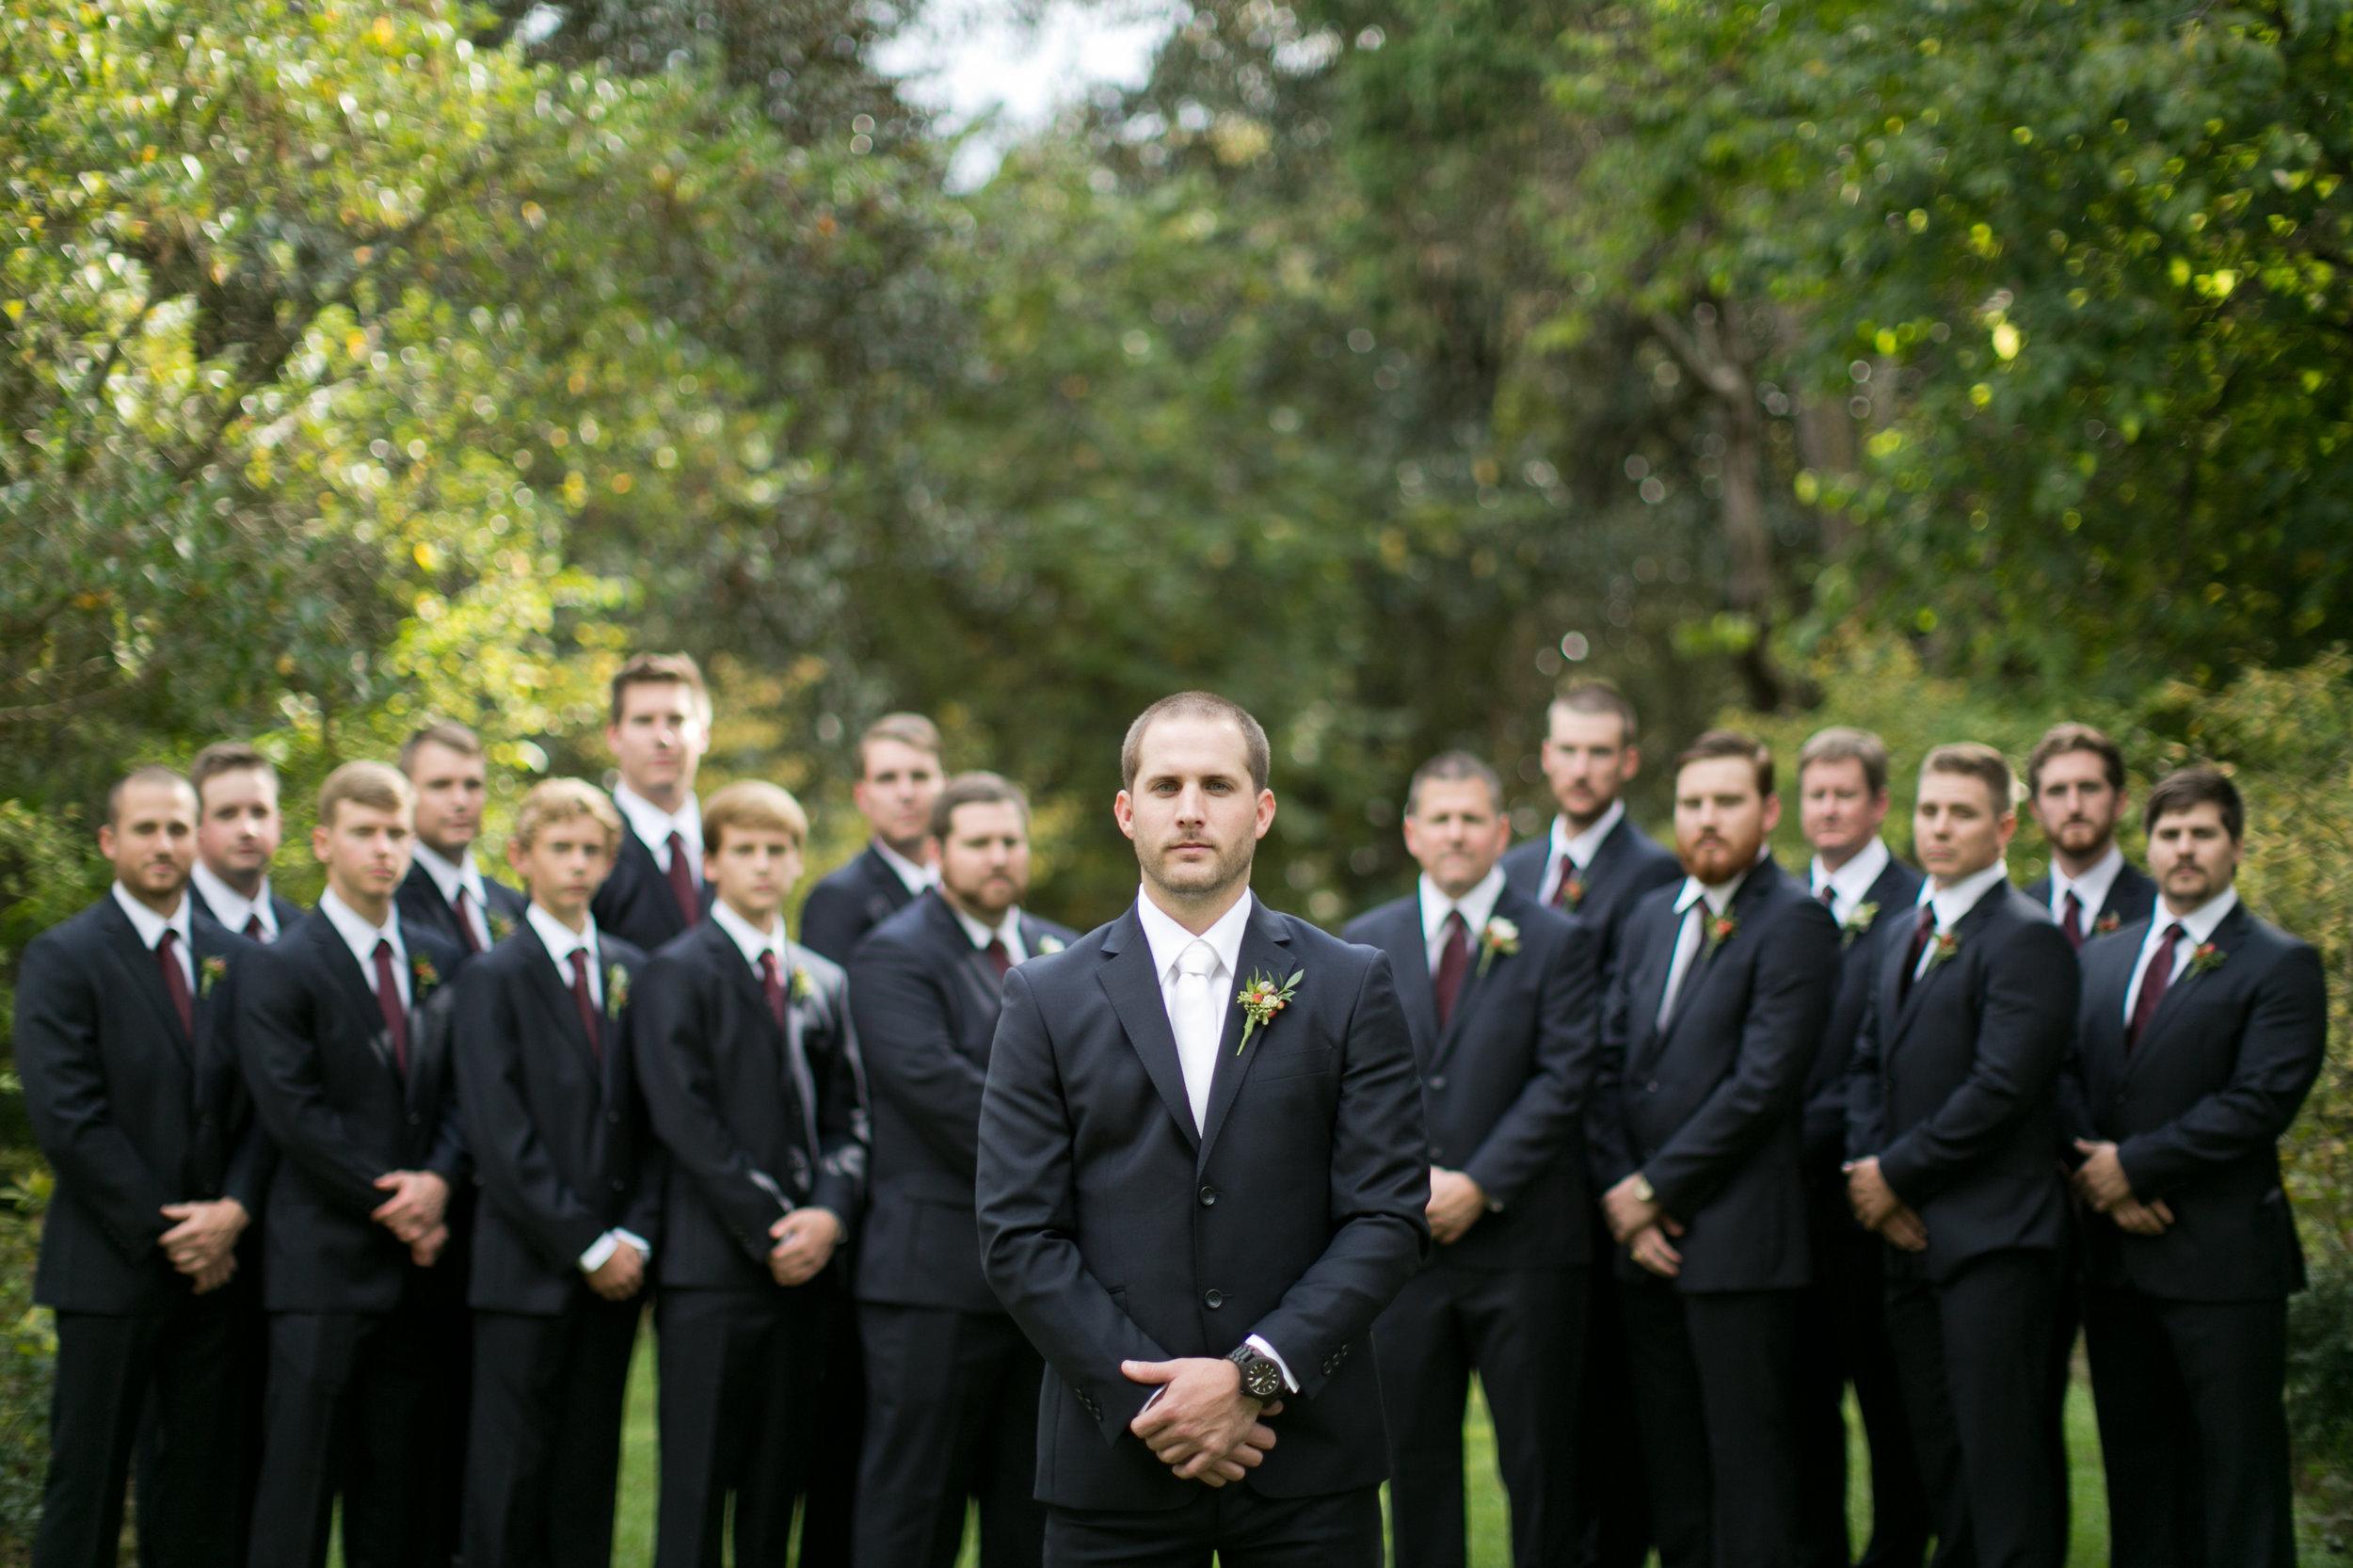 asheville_wedding_photographer534.jpg